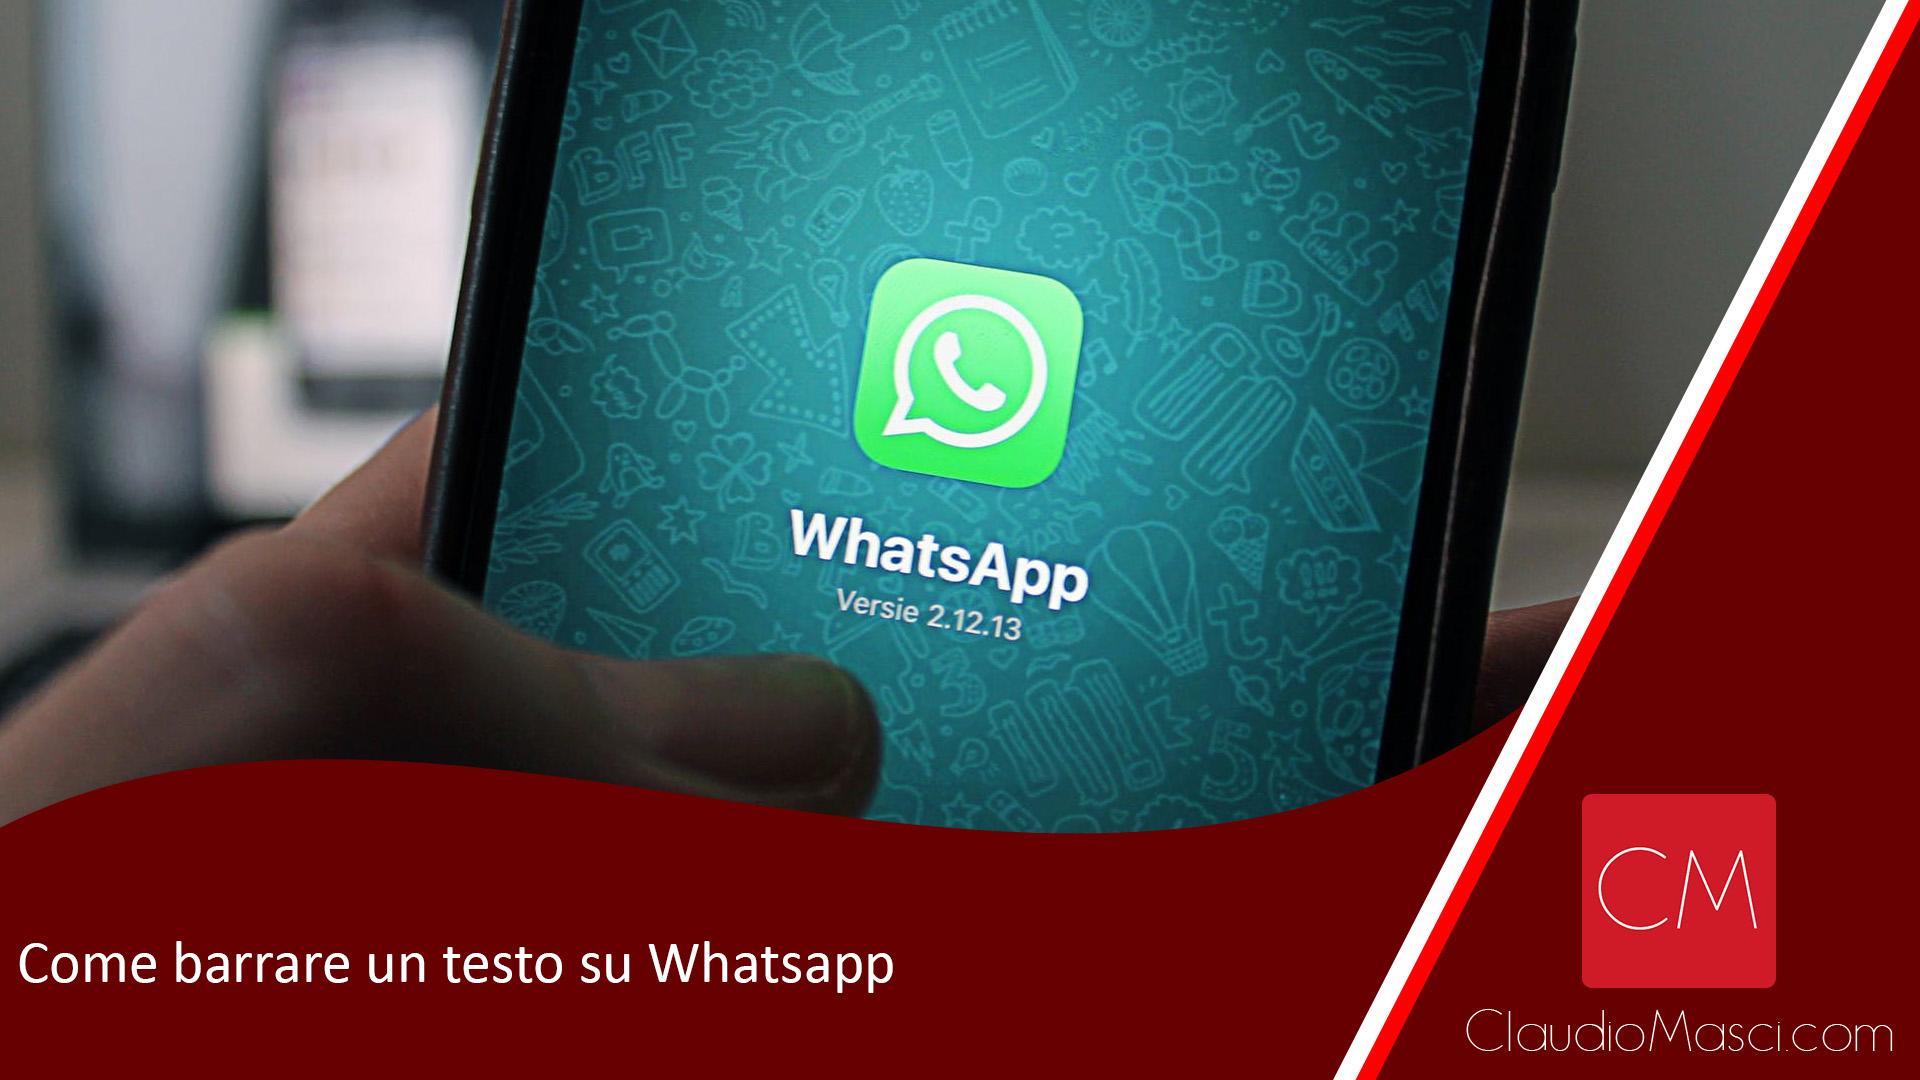 Come barrare un testo su Whatsapp